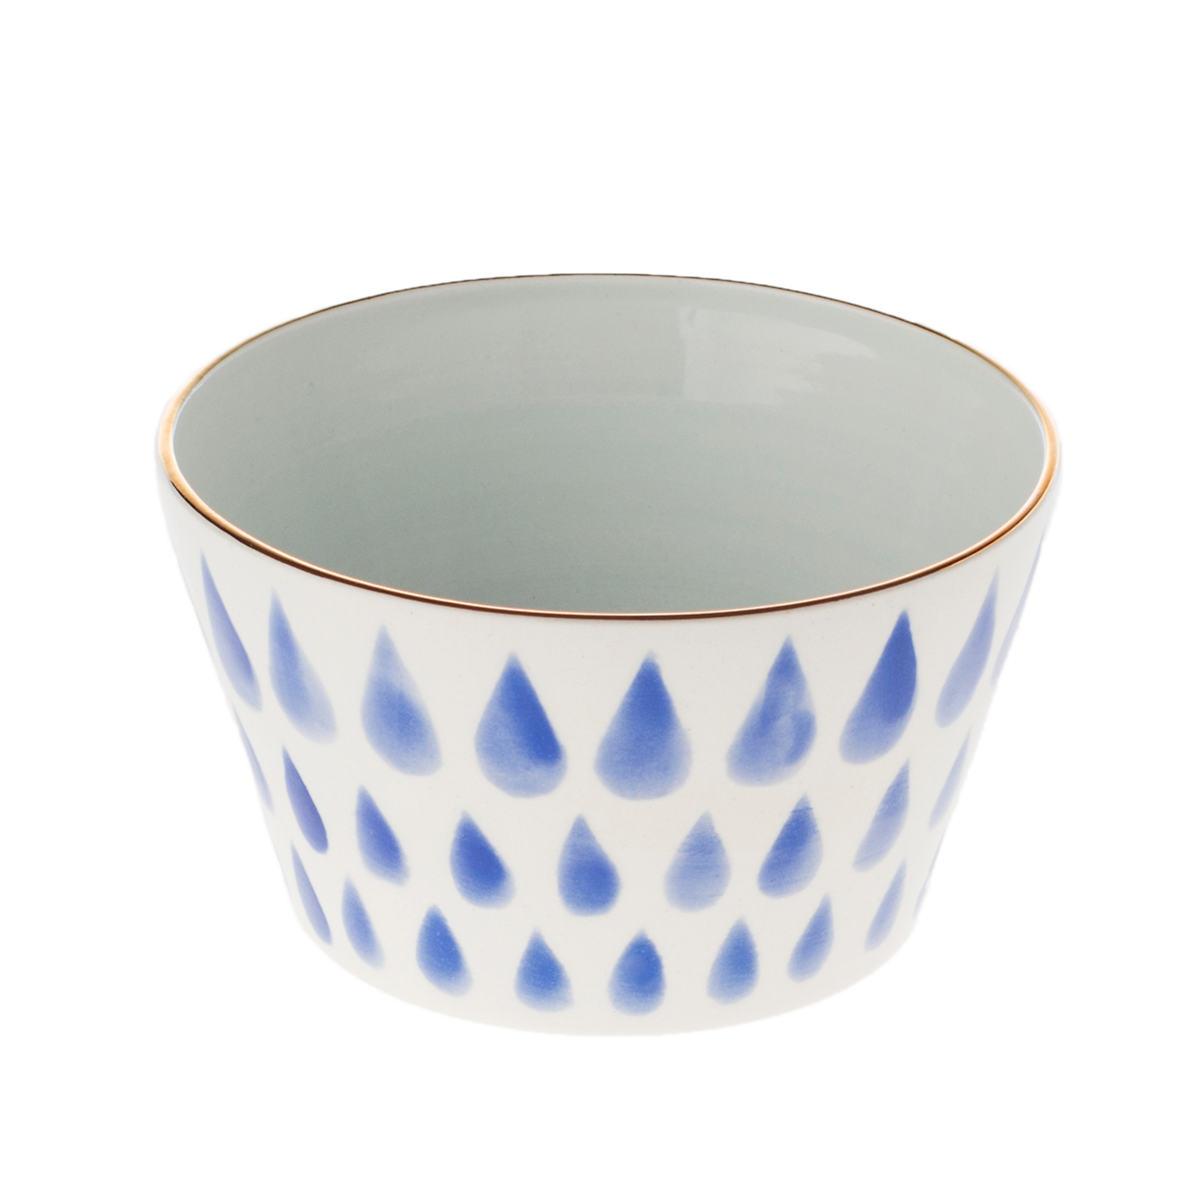 Cobalt Raindrops Bowl